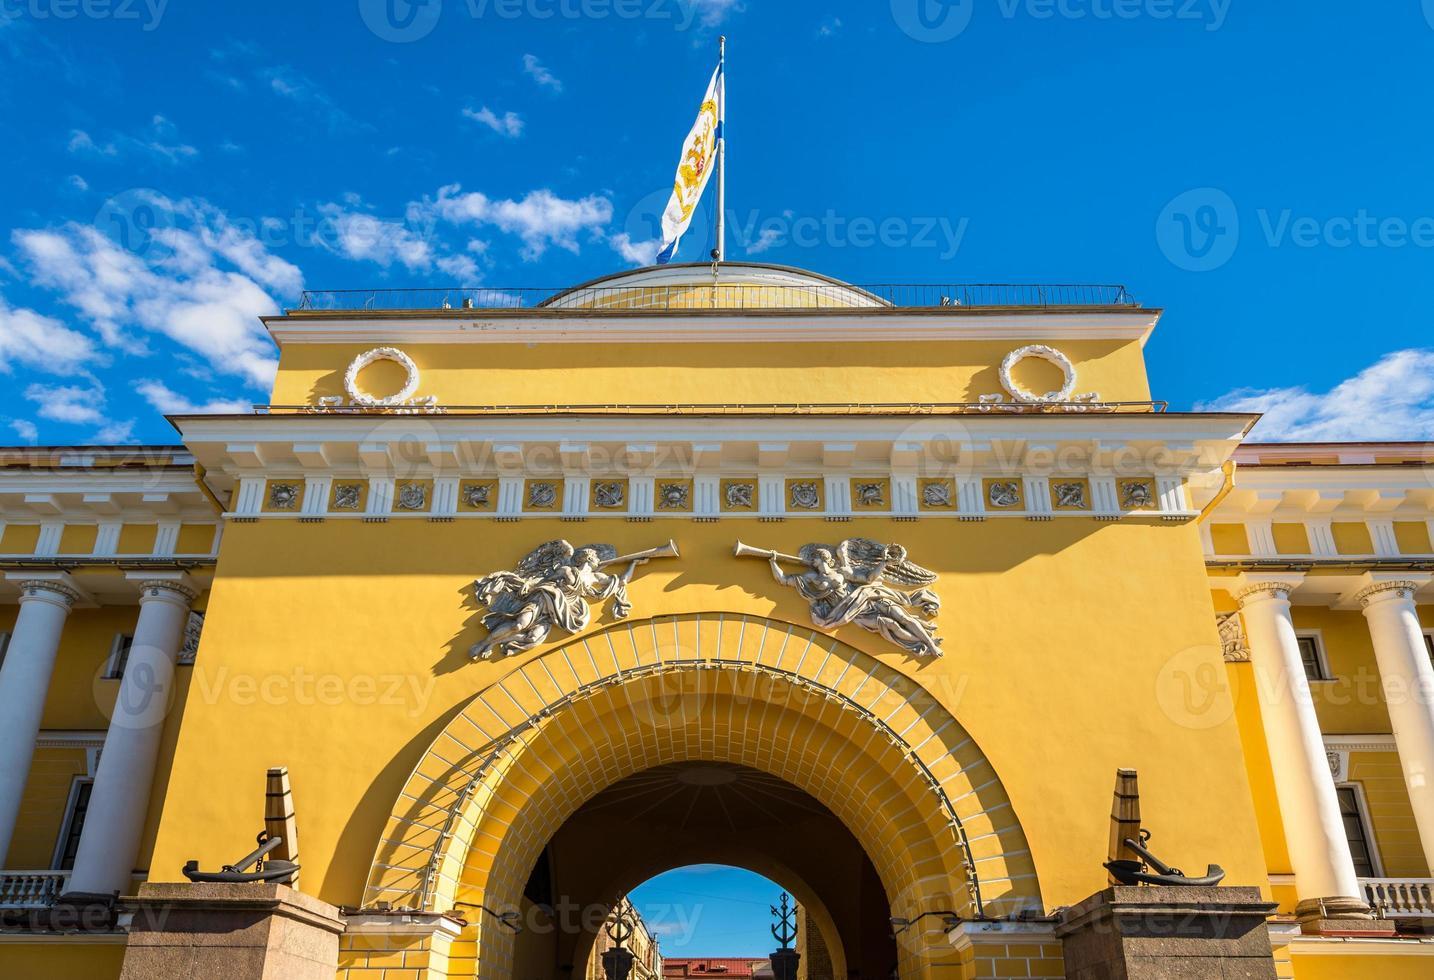 beundringsbyggnaden i heliga petersburg - Ryssland foto